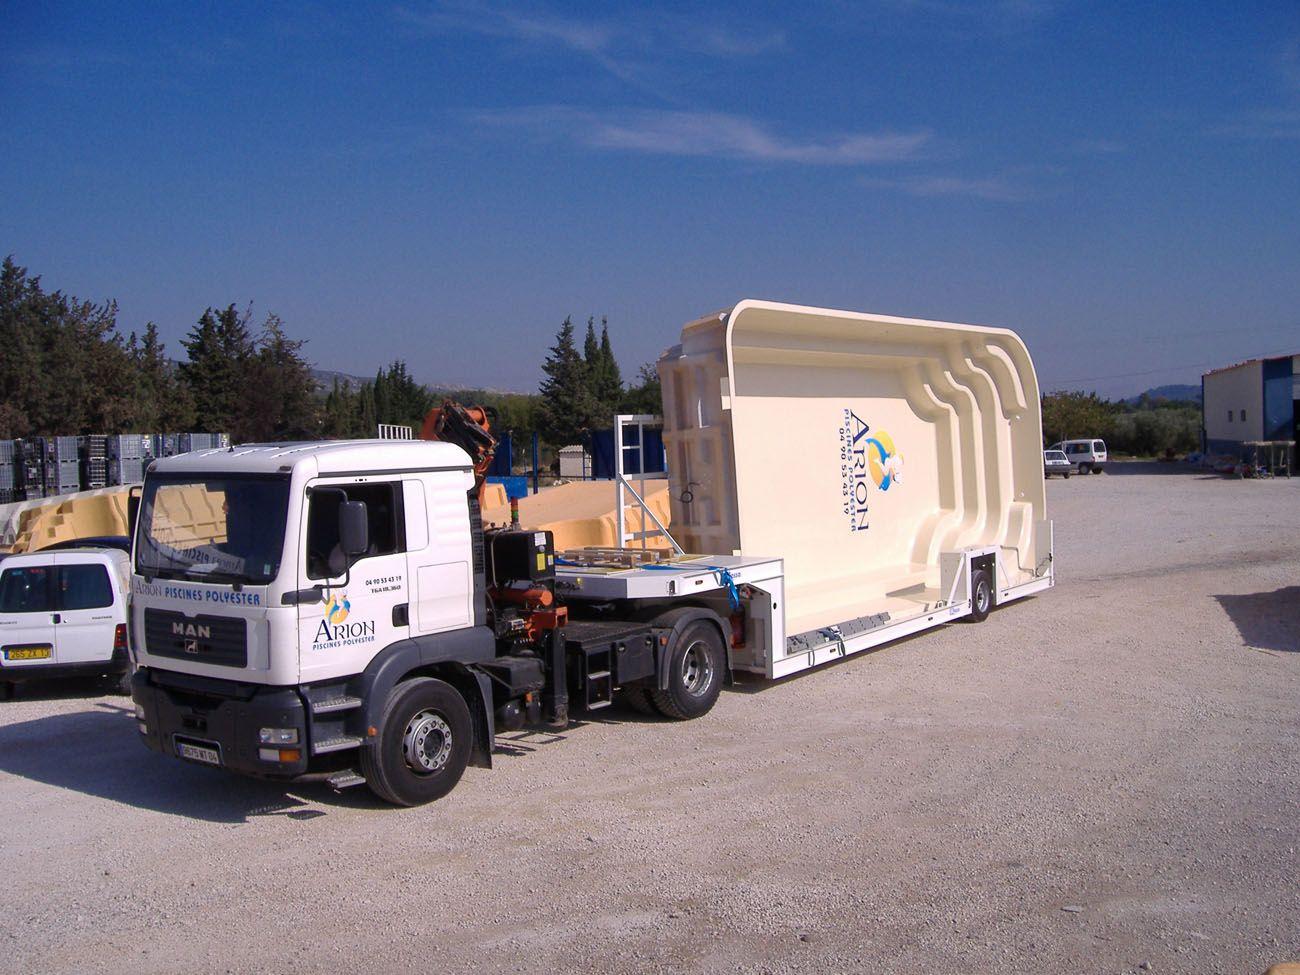 livraison de la piscine flotte de camion grue. Black Bedroom Furniture Sets. Home Design Ideas